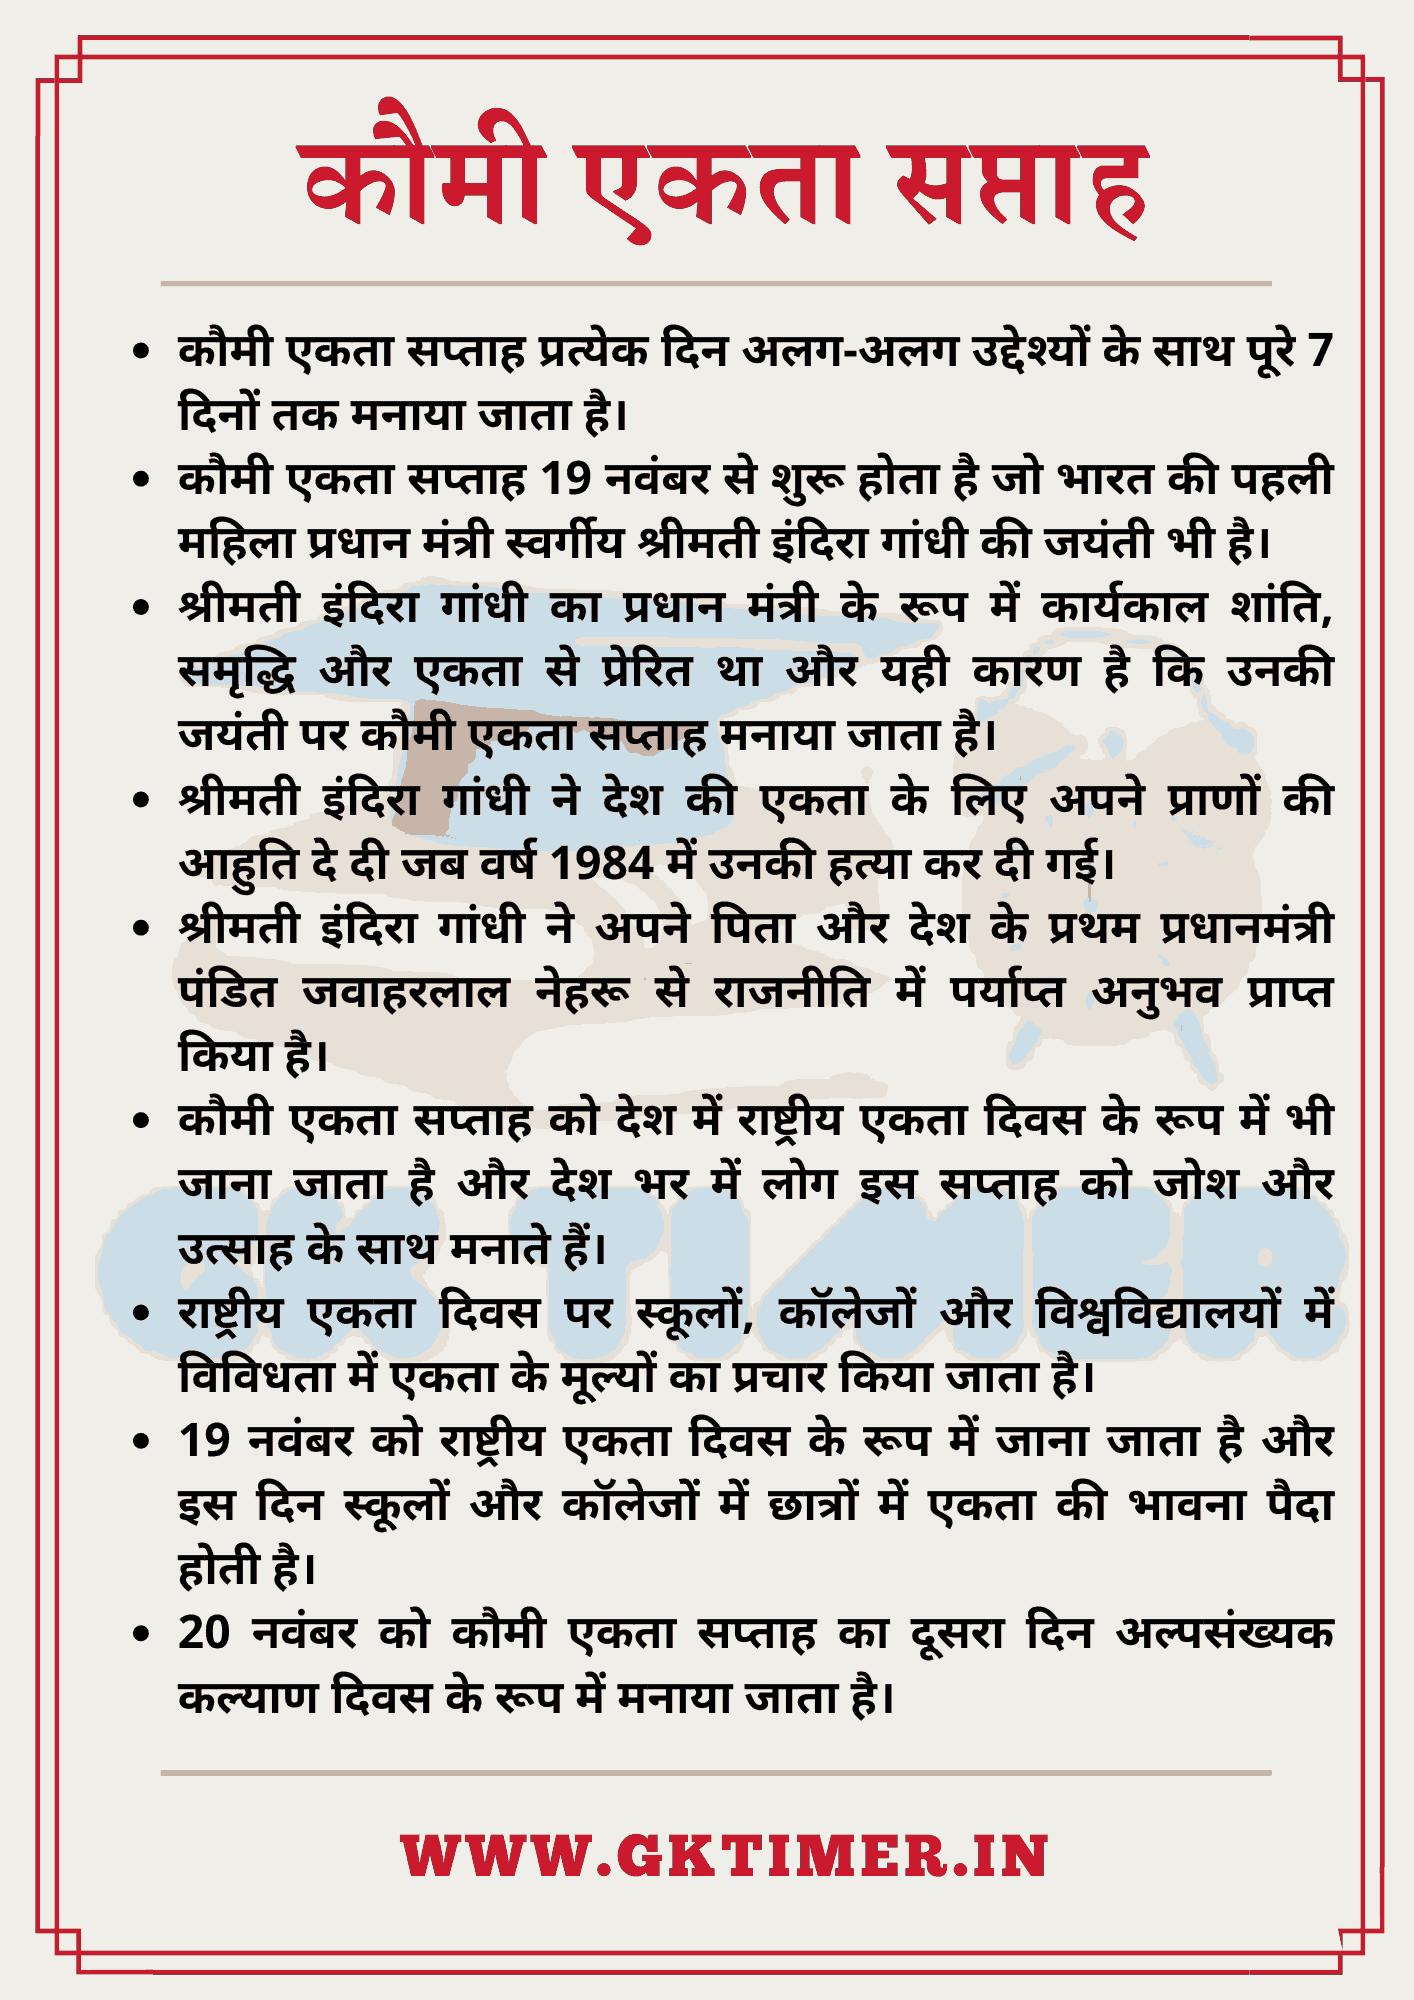 कौमी एकता सप्ताह पर निबंध | Essay on Quami Ekta Week in Hindi | 10 Lines on Quami Ekta Week in Hindi